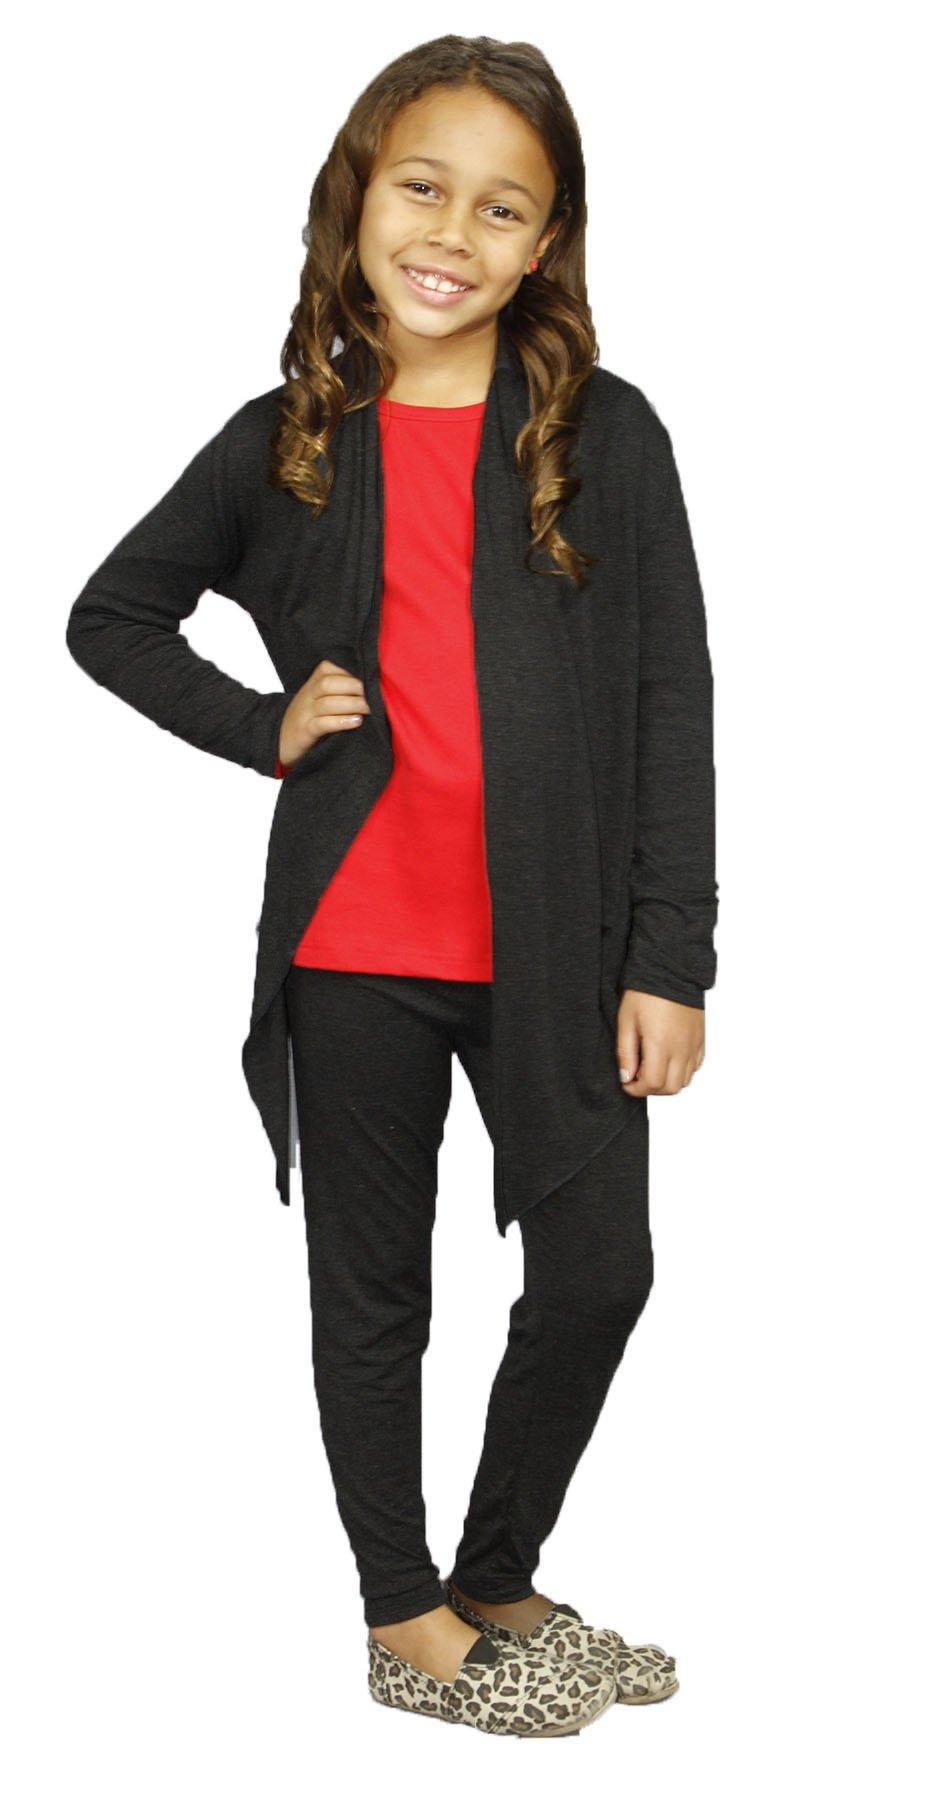 Monag Girl's Cardigan With Legging Medium Black